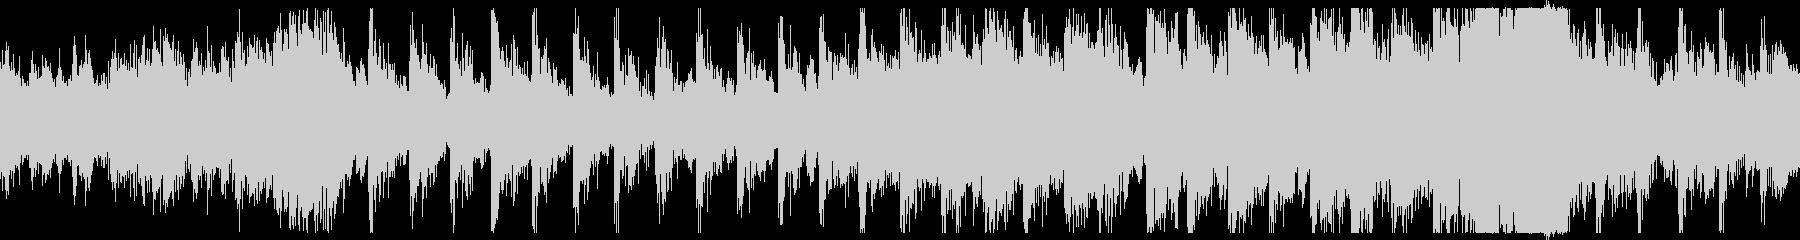 不穏・戦闘のBGM用オーケストラ曲ループの未再生の波形